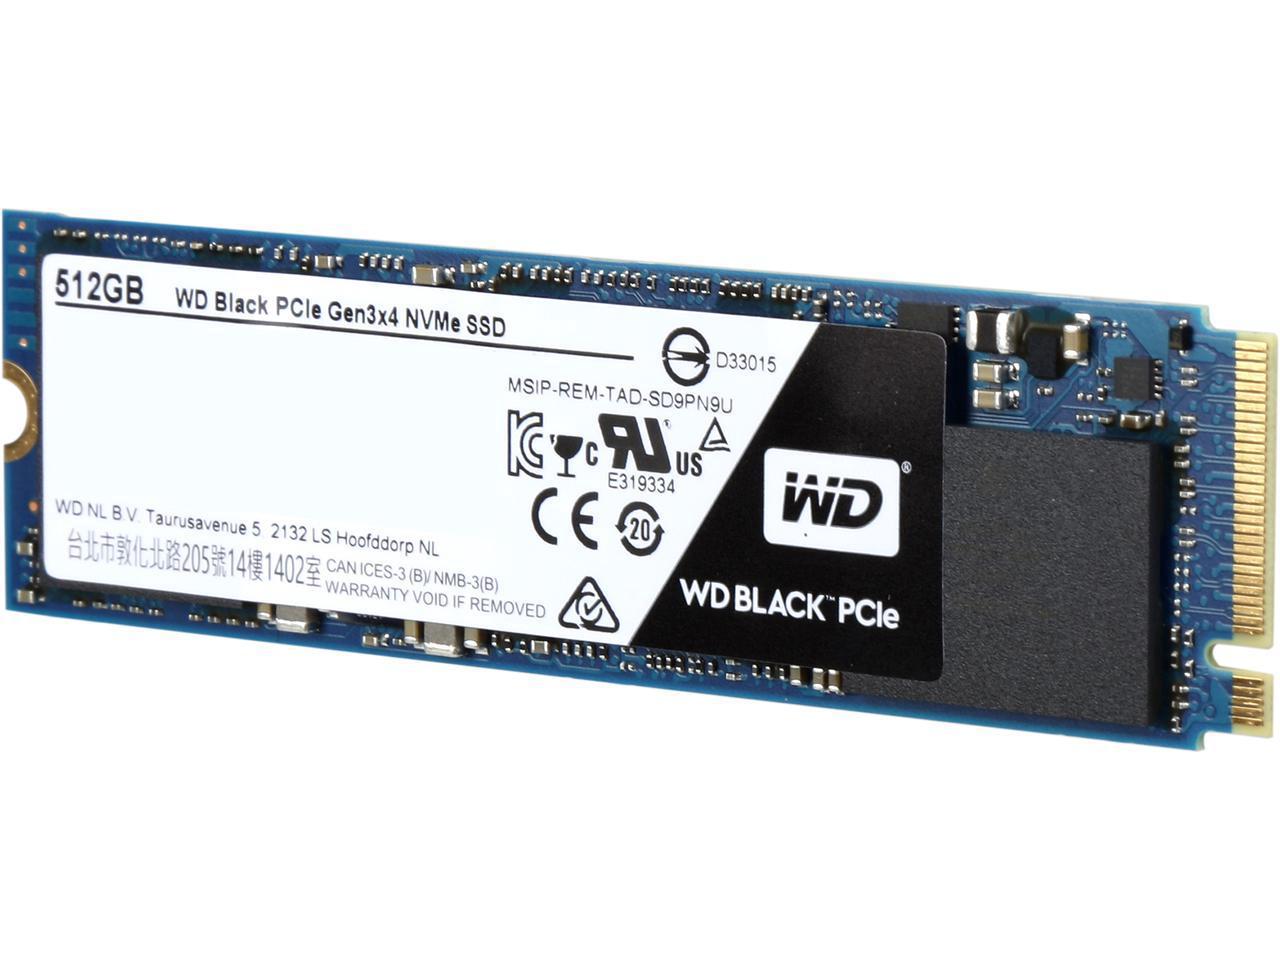 WD Black SSD 512GB Performance M.2 2280 PCIe Gen3 x4 PCI-Express 3.0 x4 NVMe 80mm Western Digital Internal Solid State Drive WDS512G1X0C